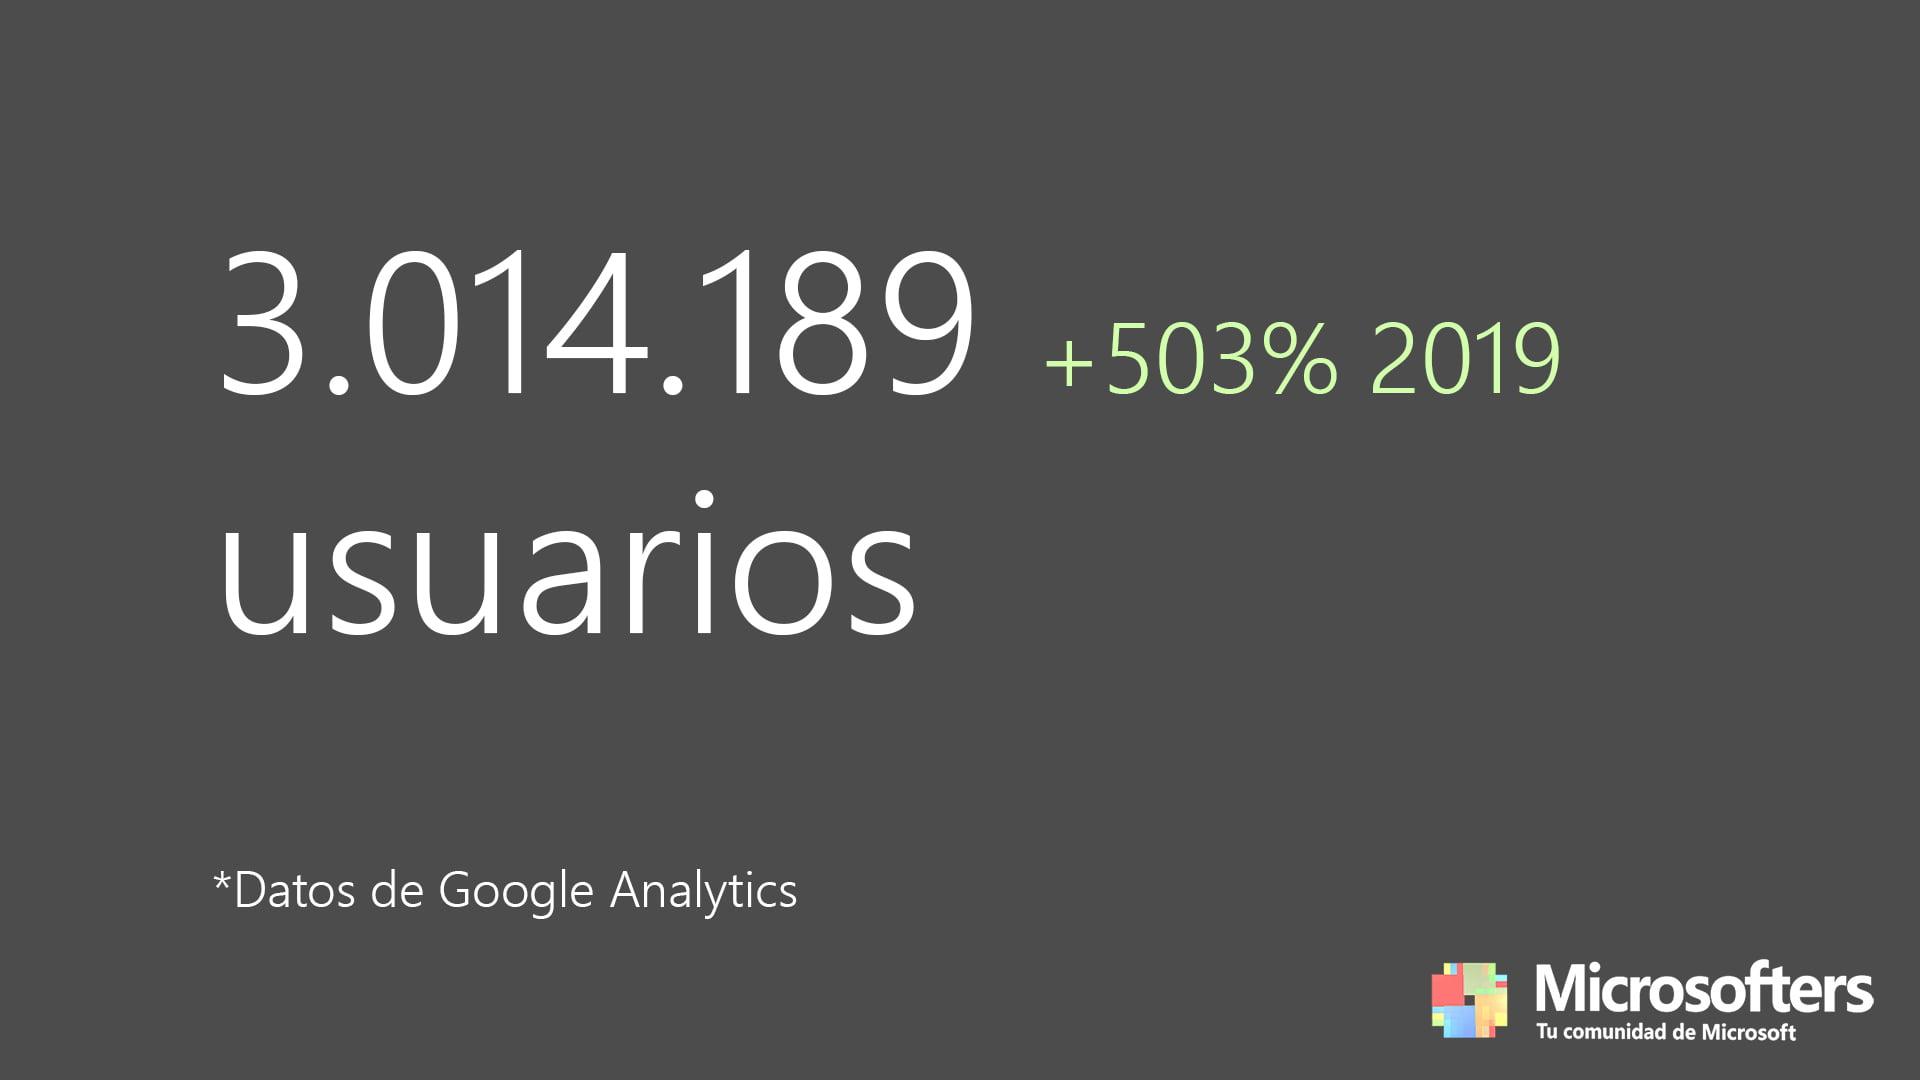 3.014.189 usuarios únicos en Microsofters